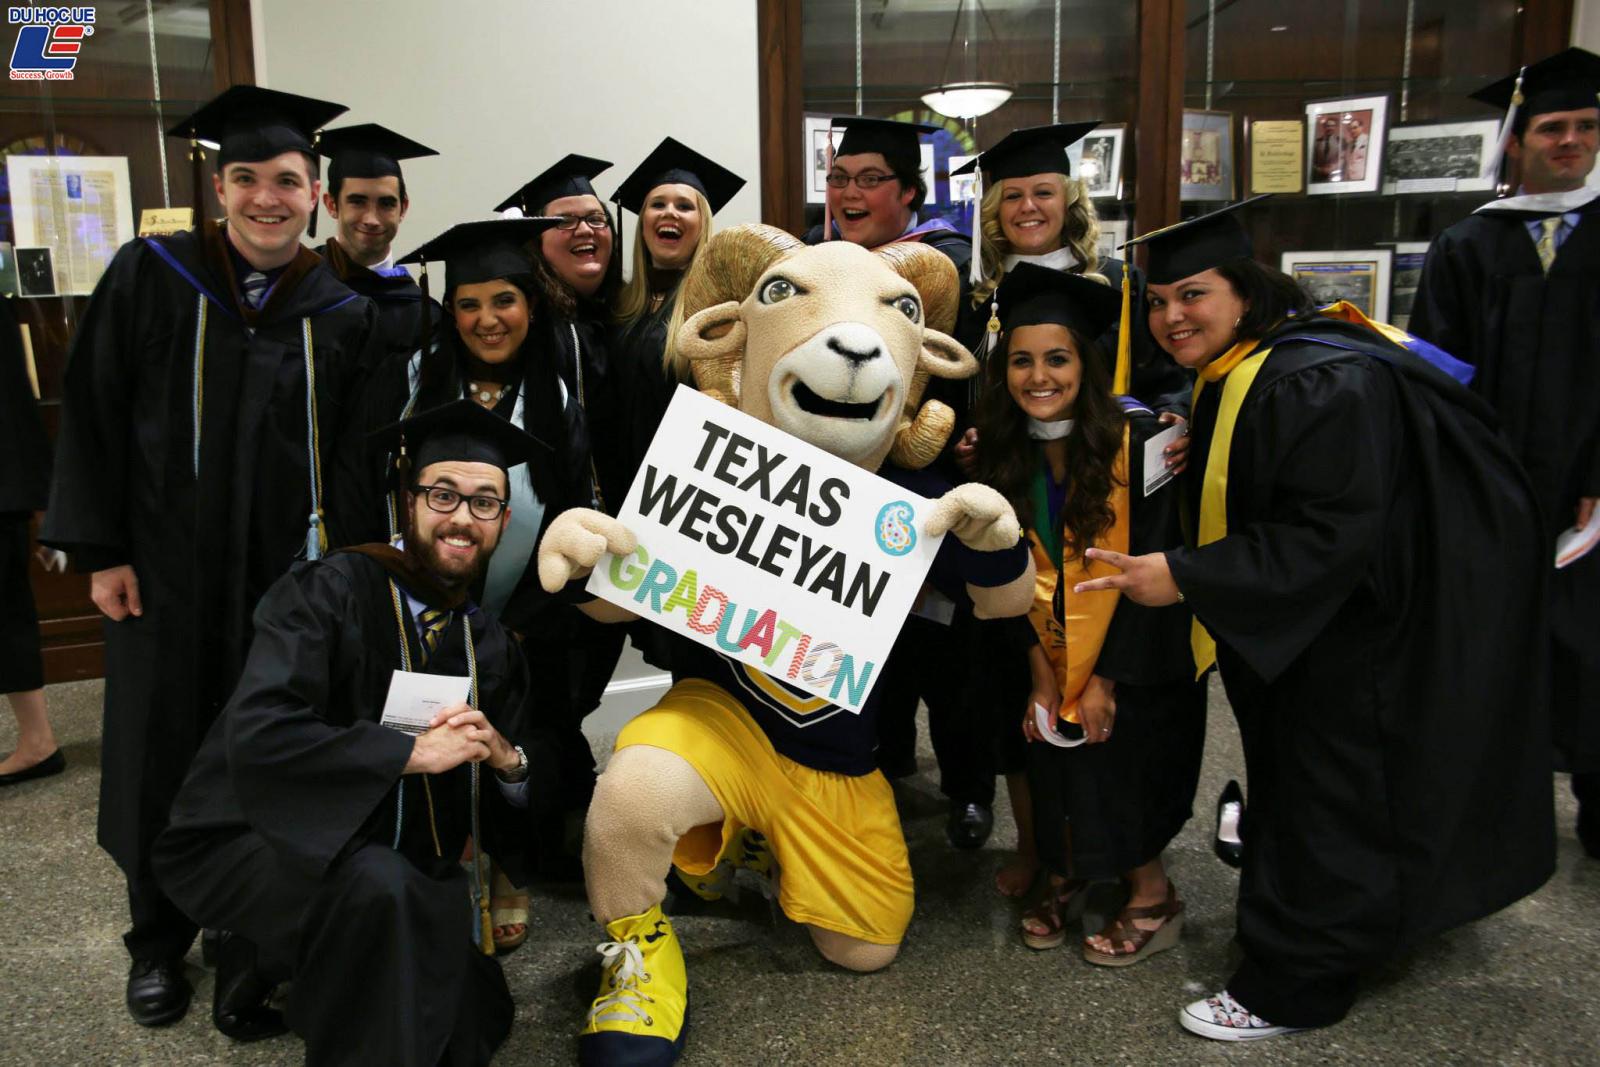 Texas Wesleyan University - Trường đại học biến giấc mơ Mỹ thành hiện thực